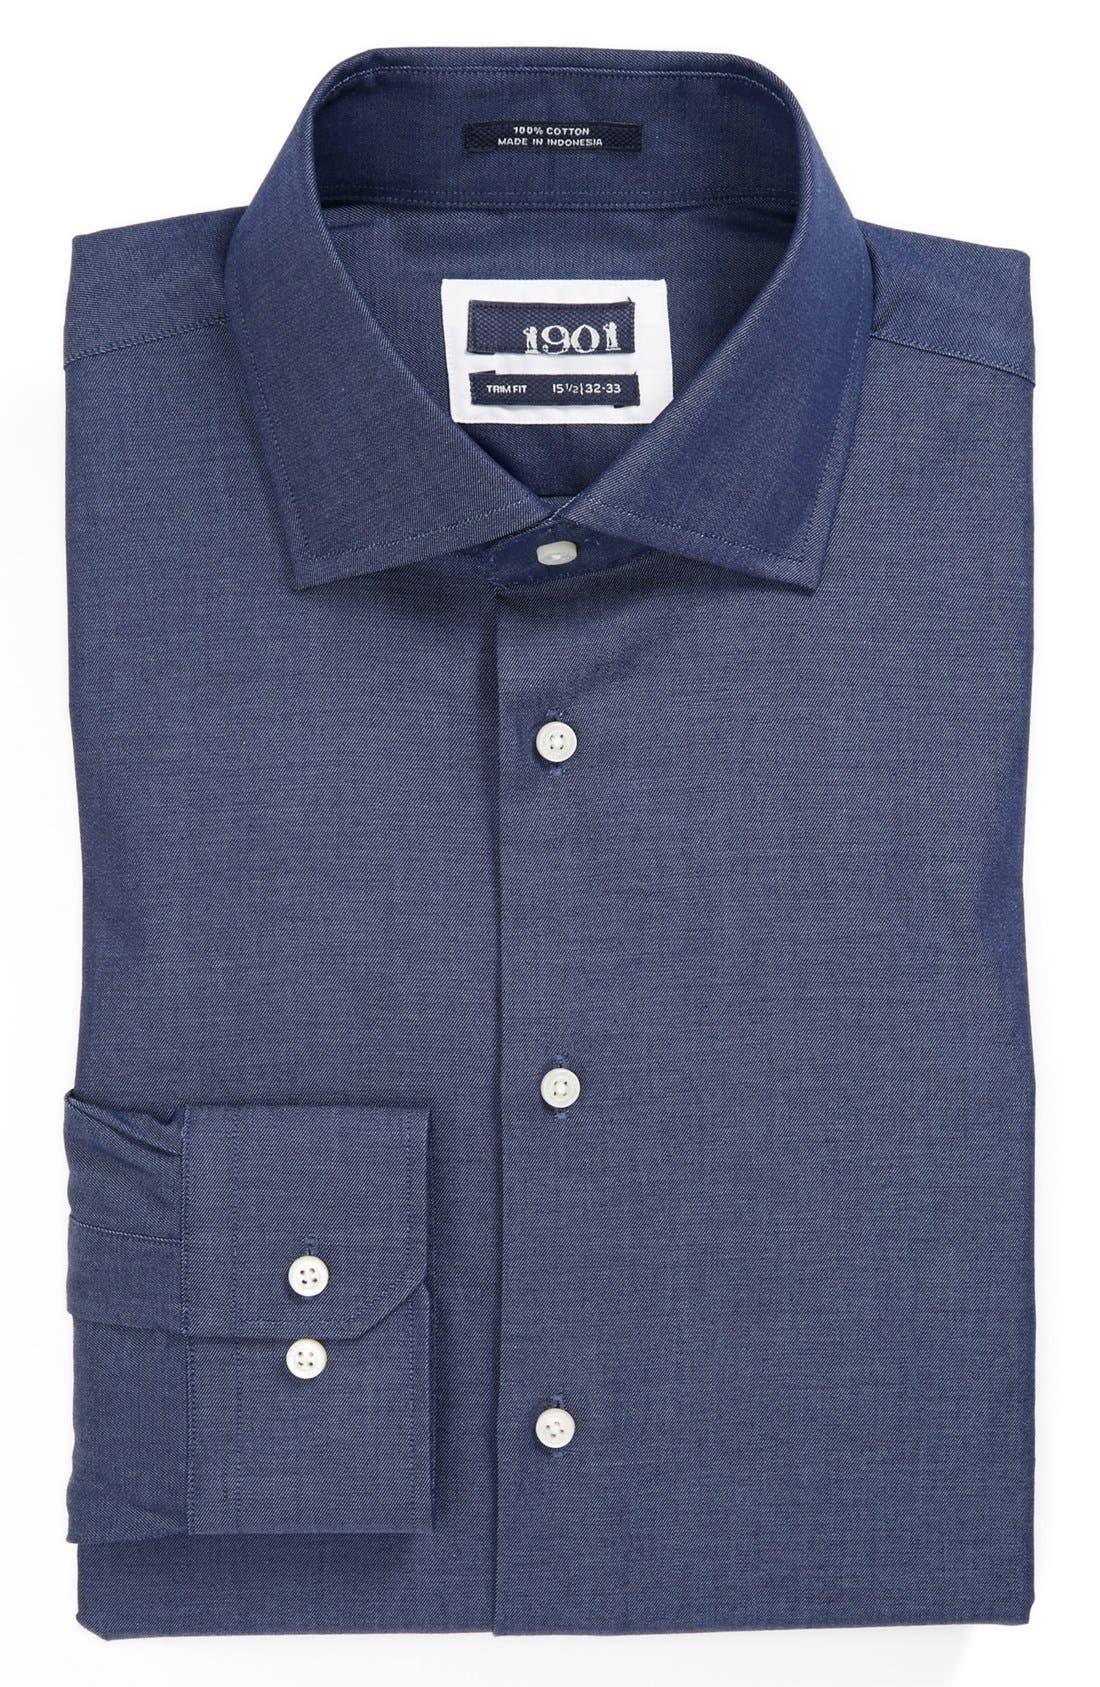 Main Image - 1901 Trim Fit Denim Dress Shirt